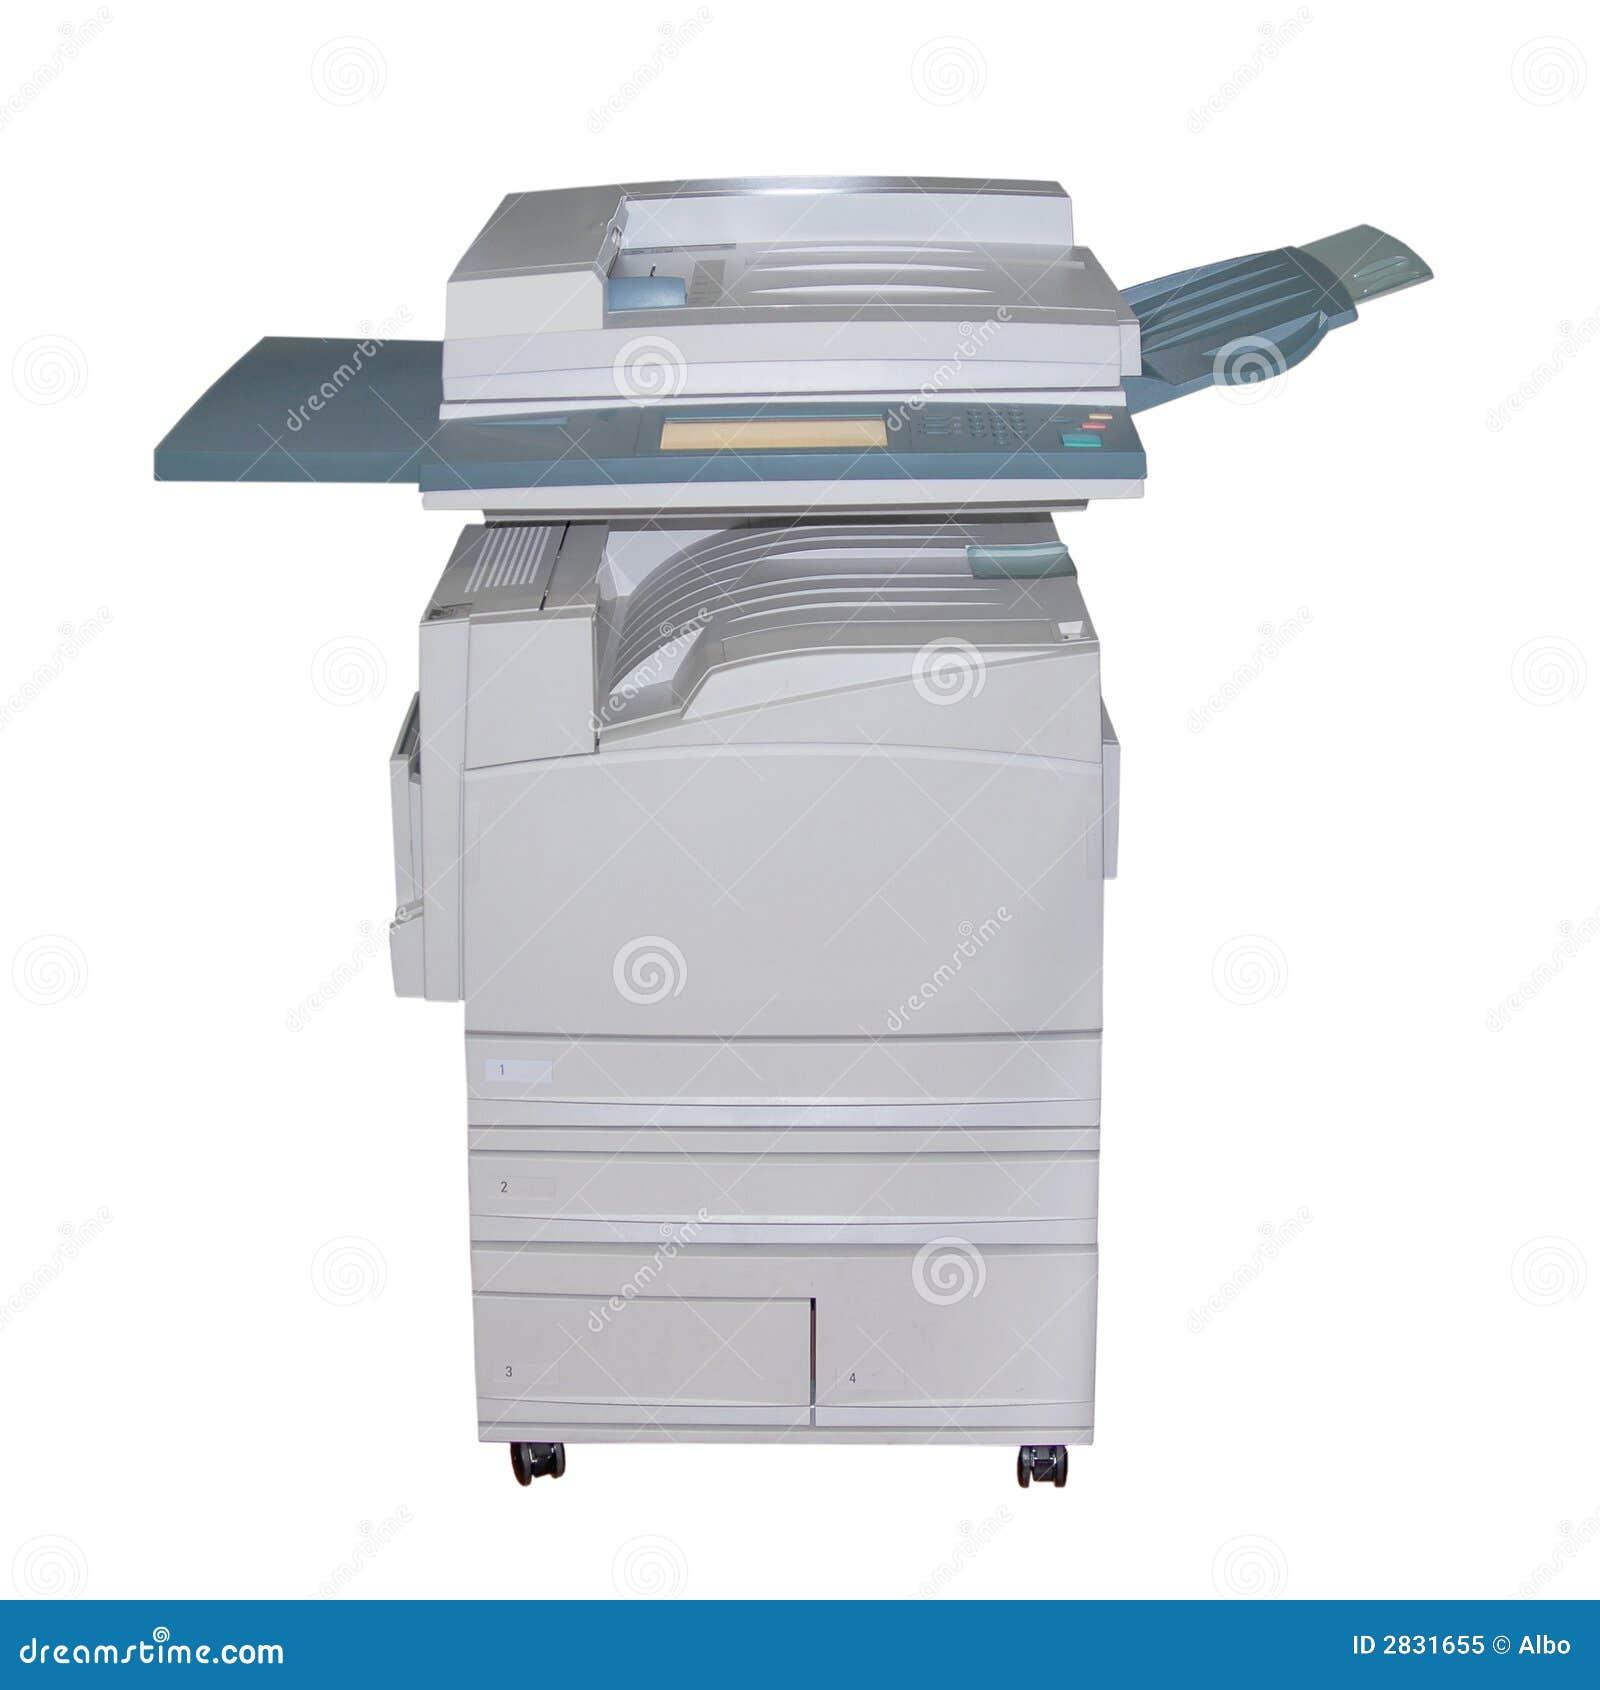 De laserkopieerapparaat van de kleur